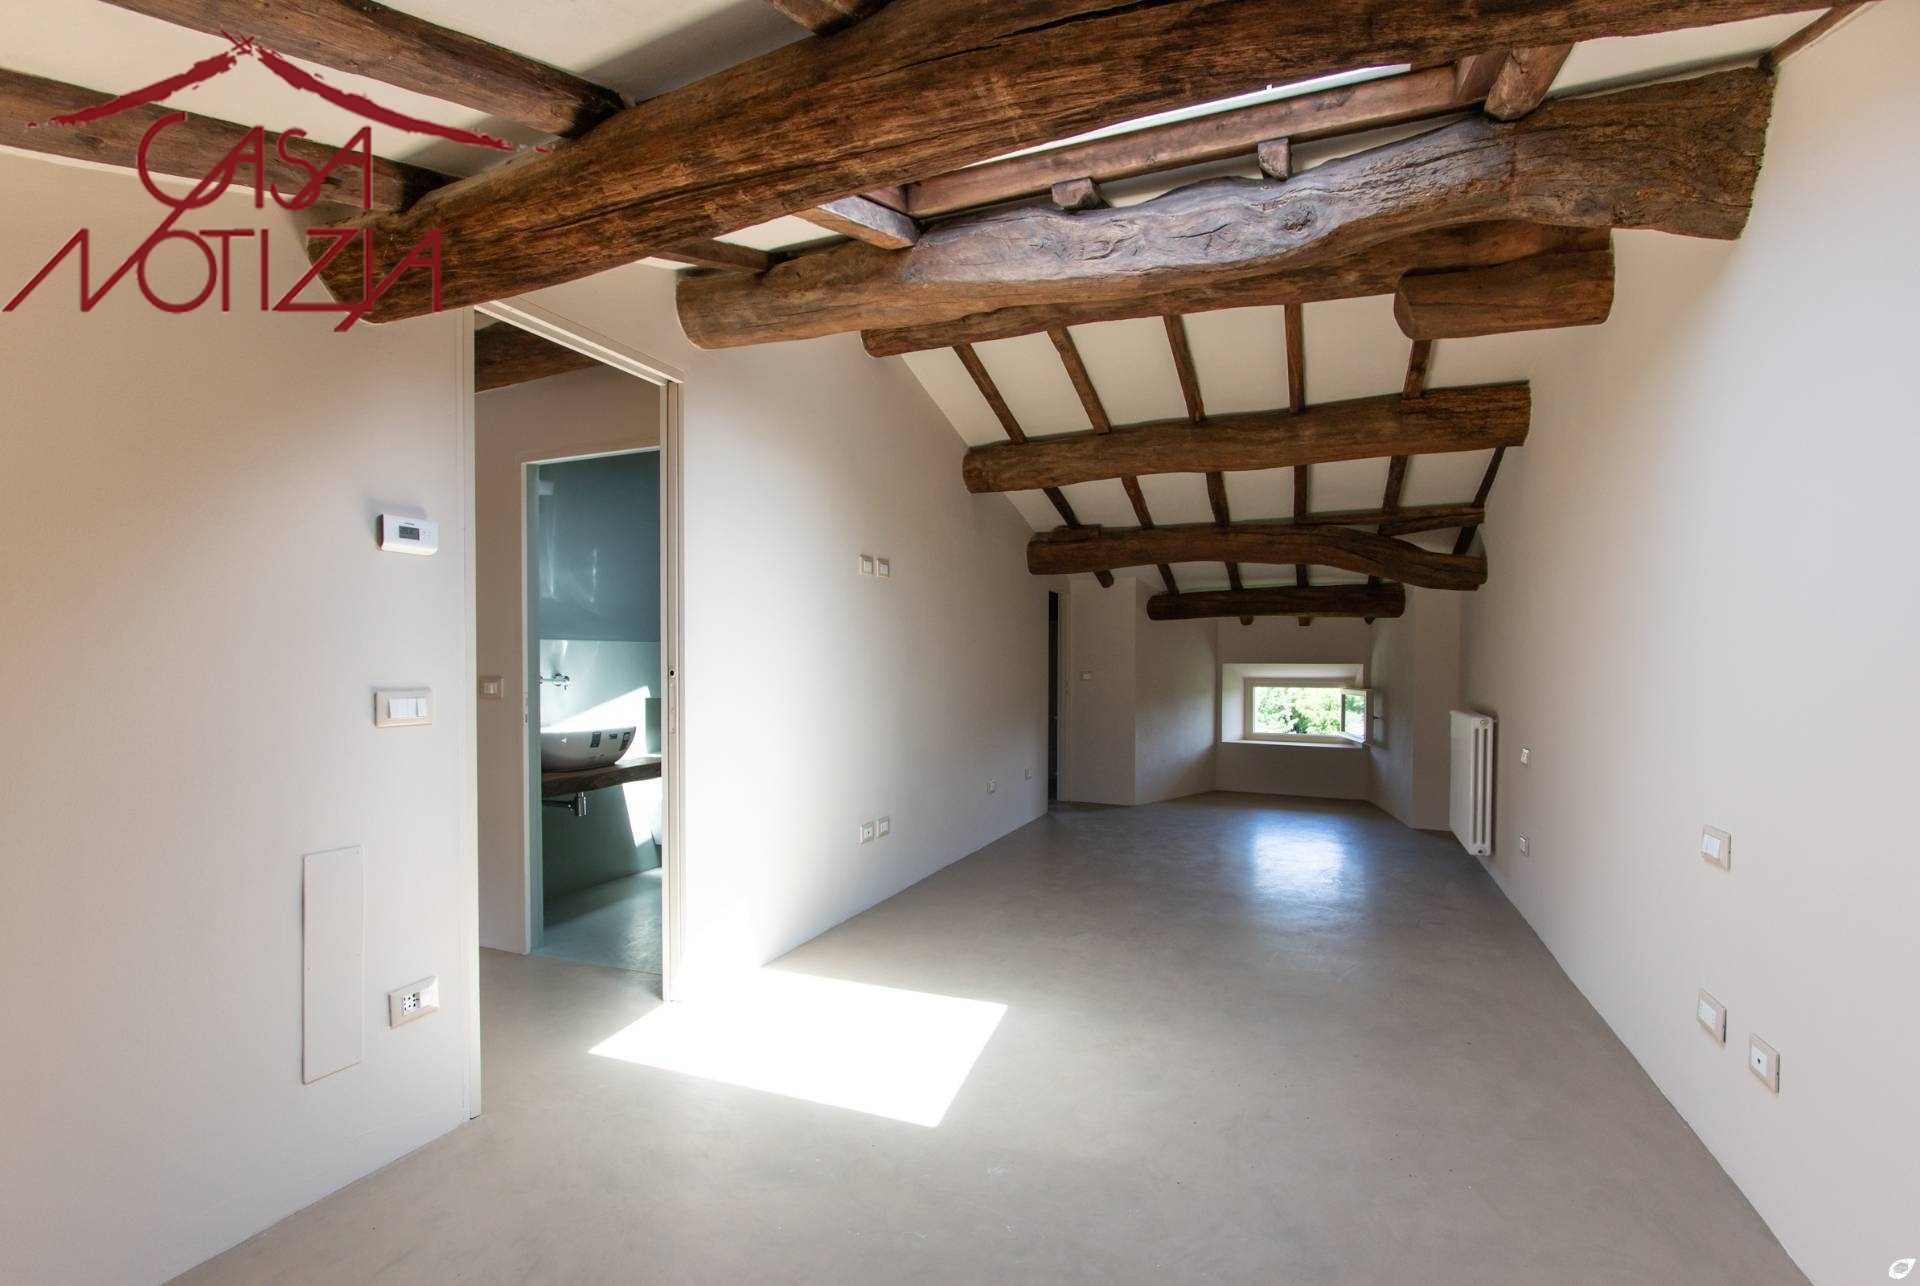 Appartamento in vendita a Capannori, 8 locali, zona Località: S.aMargherita, prezzo € 185.000 | PortaleAgenzieImmobiliari.it